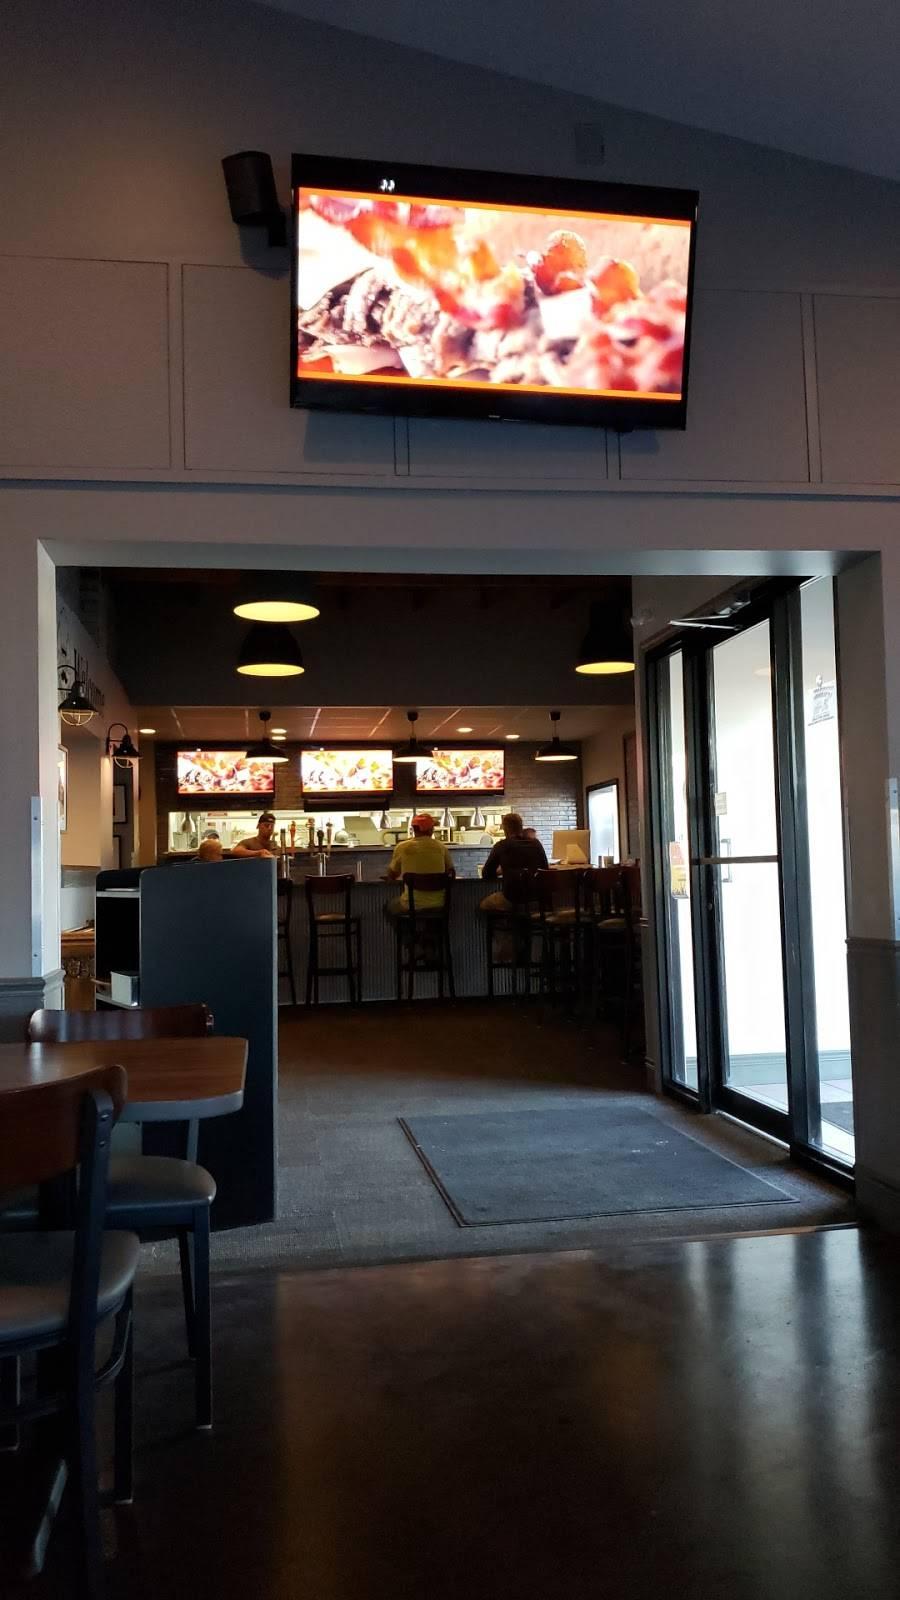 Pogolinos Pizza and More   restaurant   29 E Main St, Festus, MO 63028, USA   6369376600 OR +1 636-937-6600